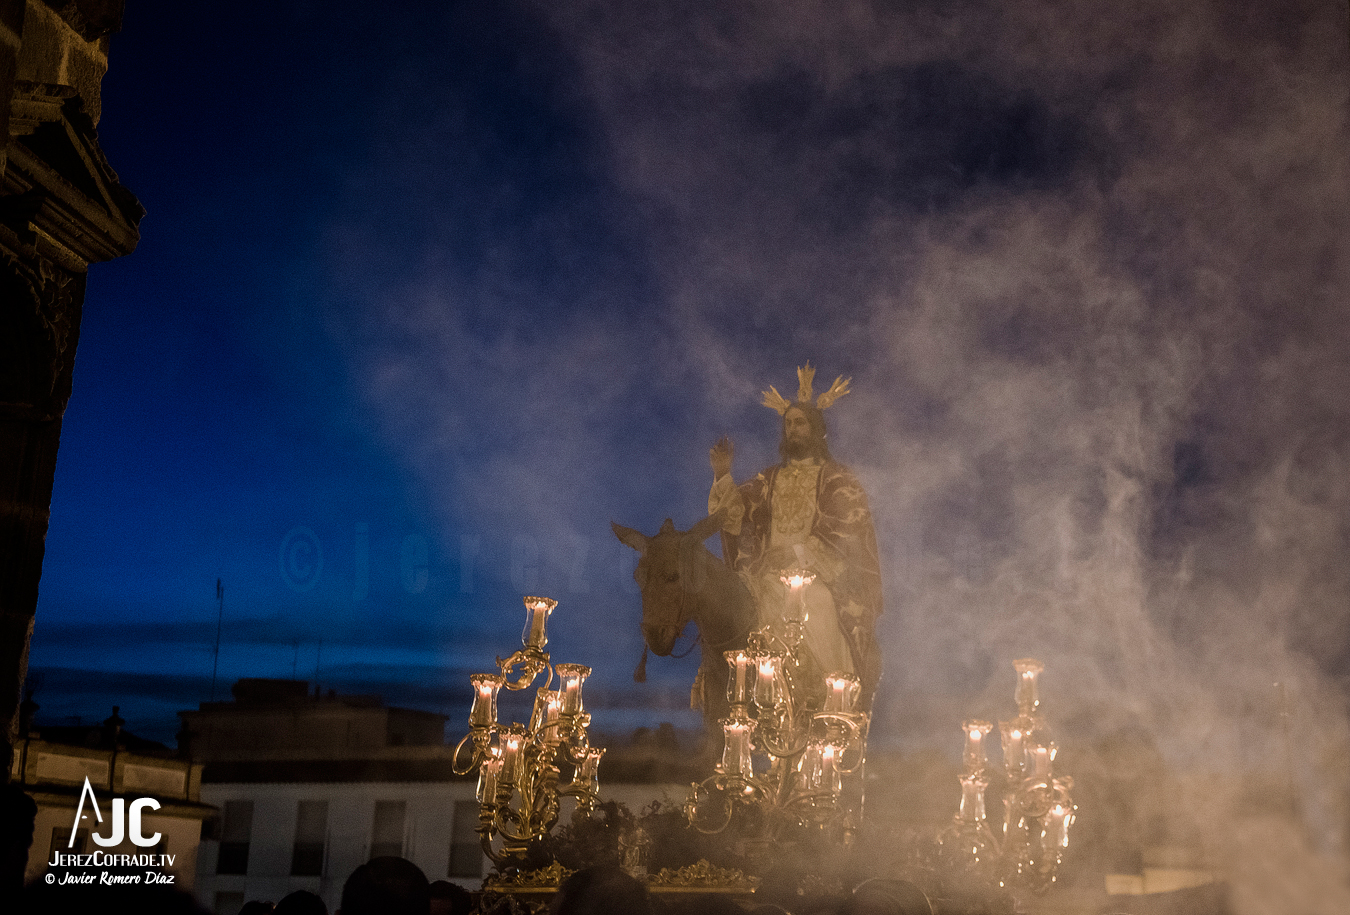 006- Via Crucis Union de Hermandades – Cristo Rey – Jerezcofrade